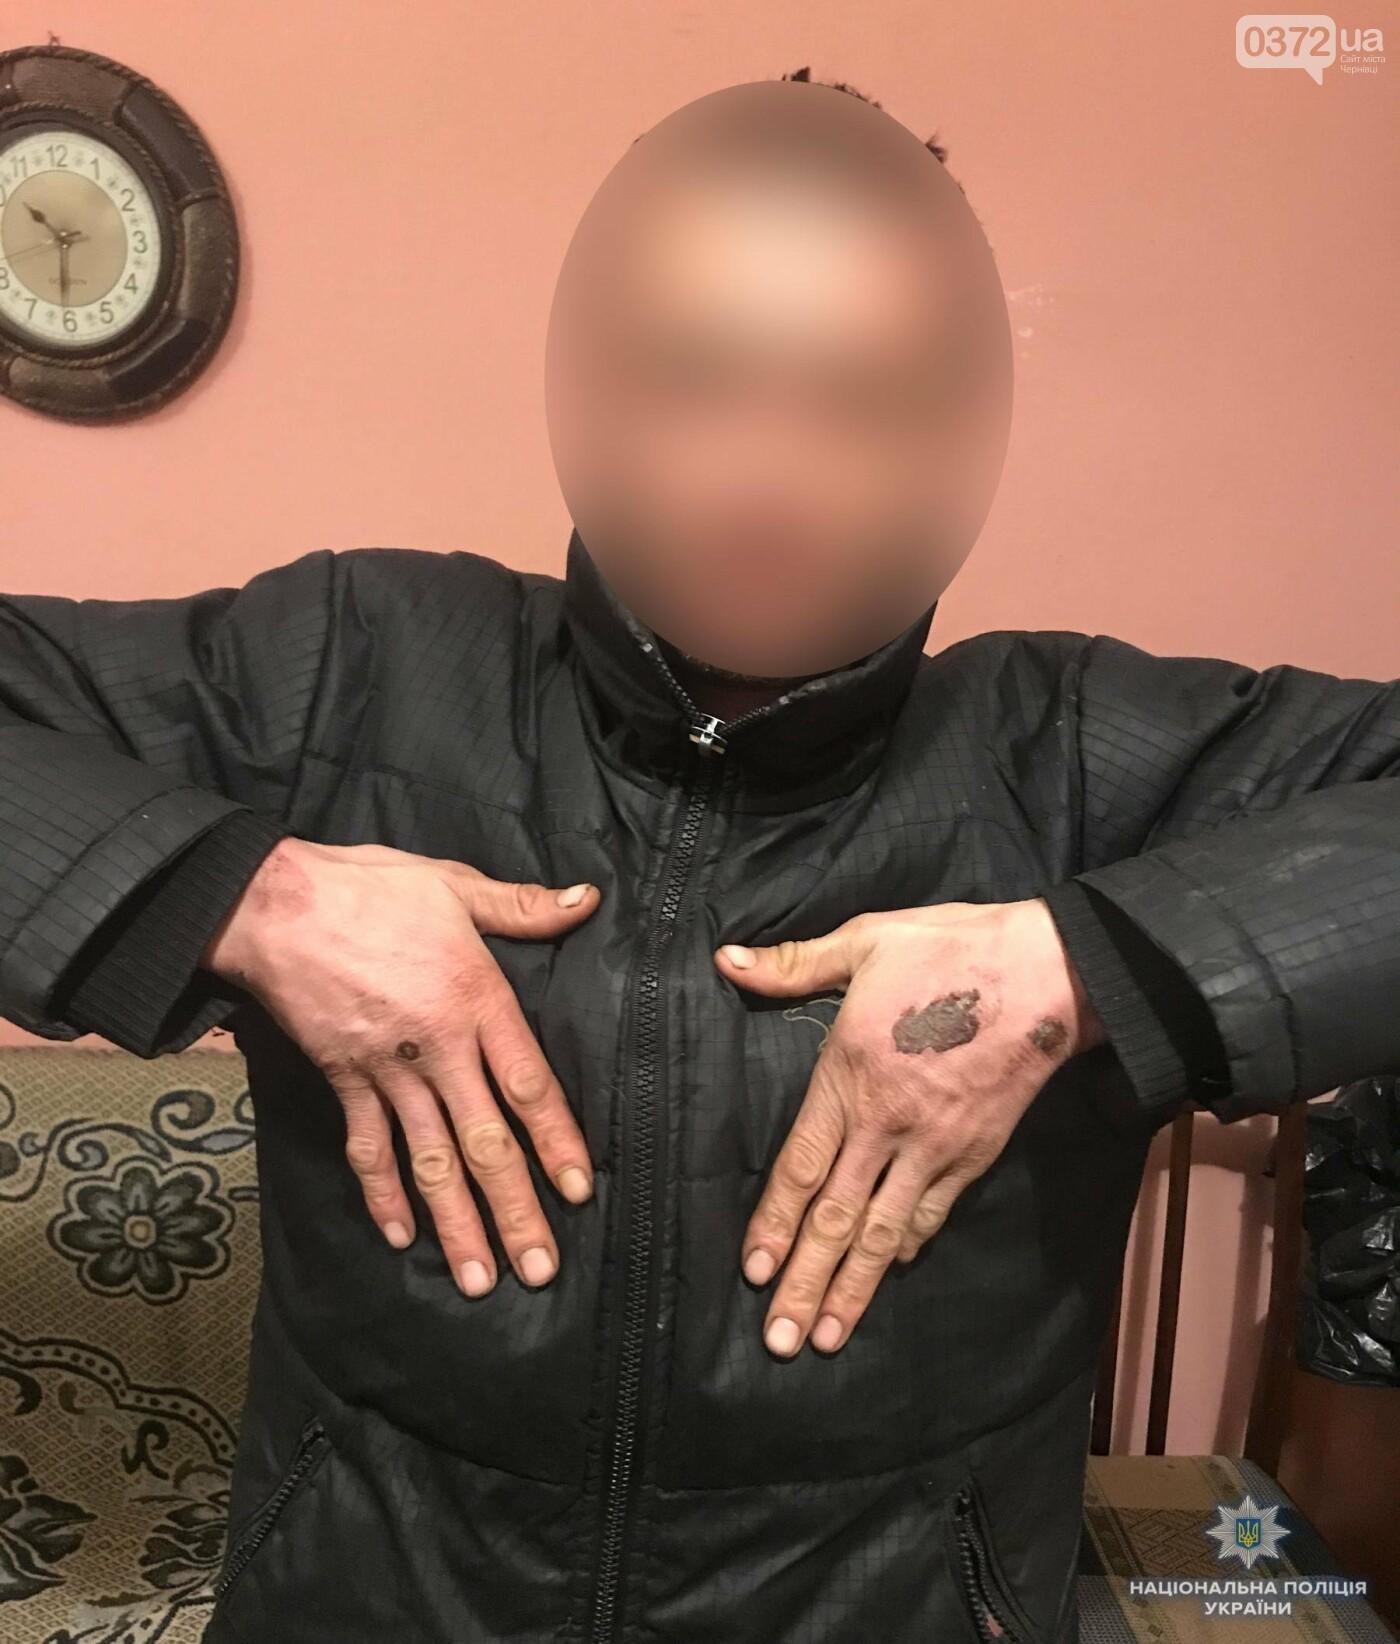 На Буковині чоловік утримував та жорстоко катував свого односельчанина (фото 18+), фото-2